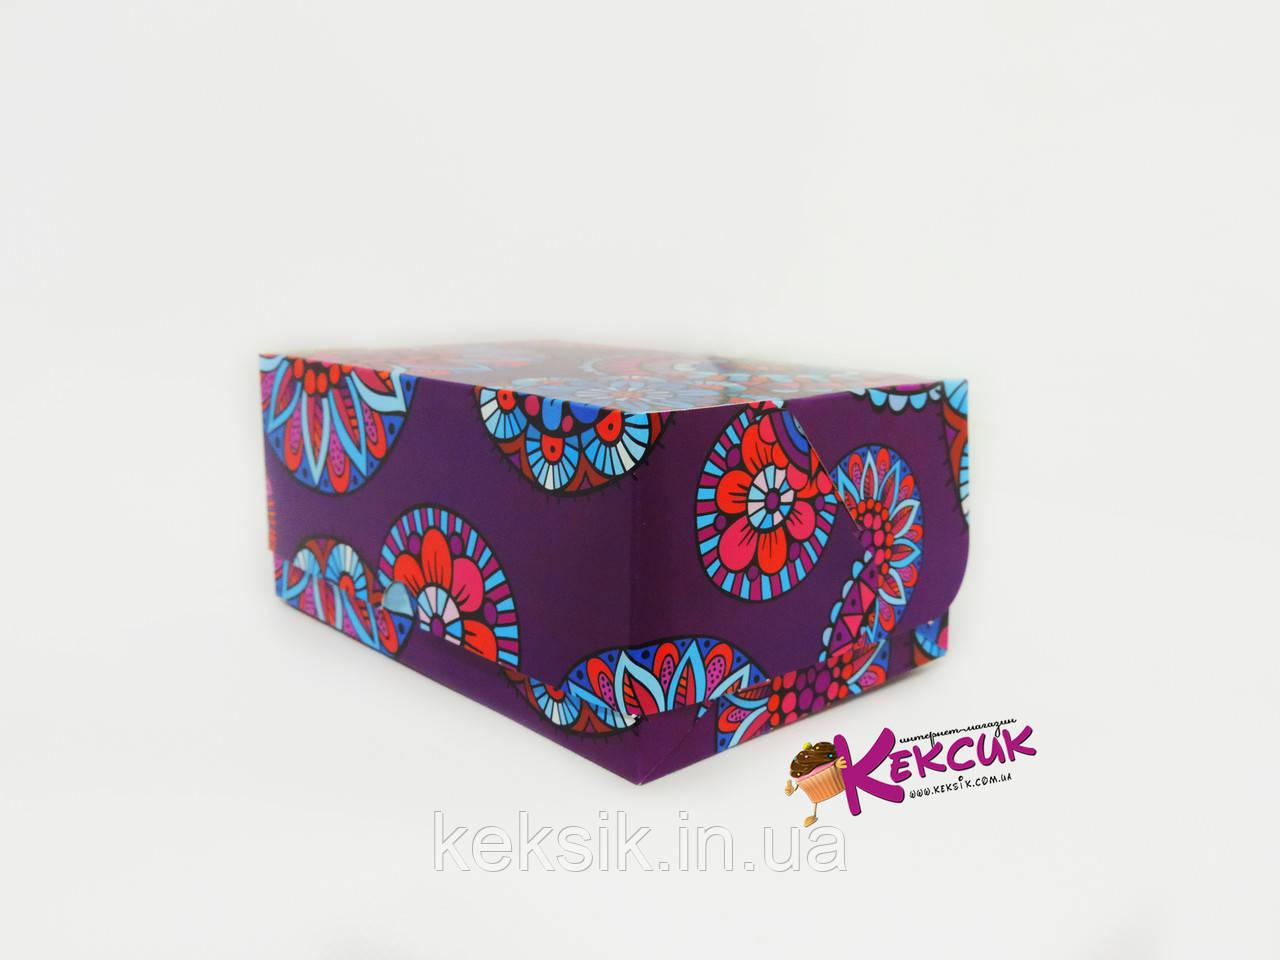 Коробка контейнер Цветы 180*120*80